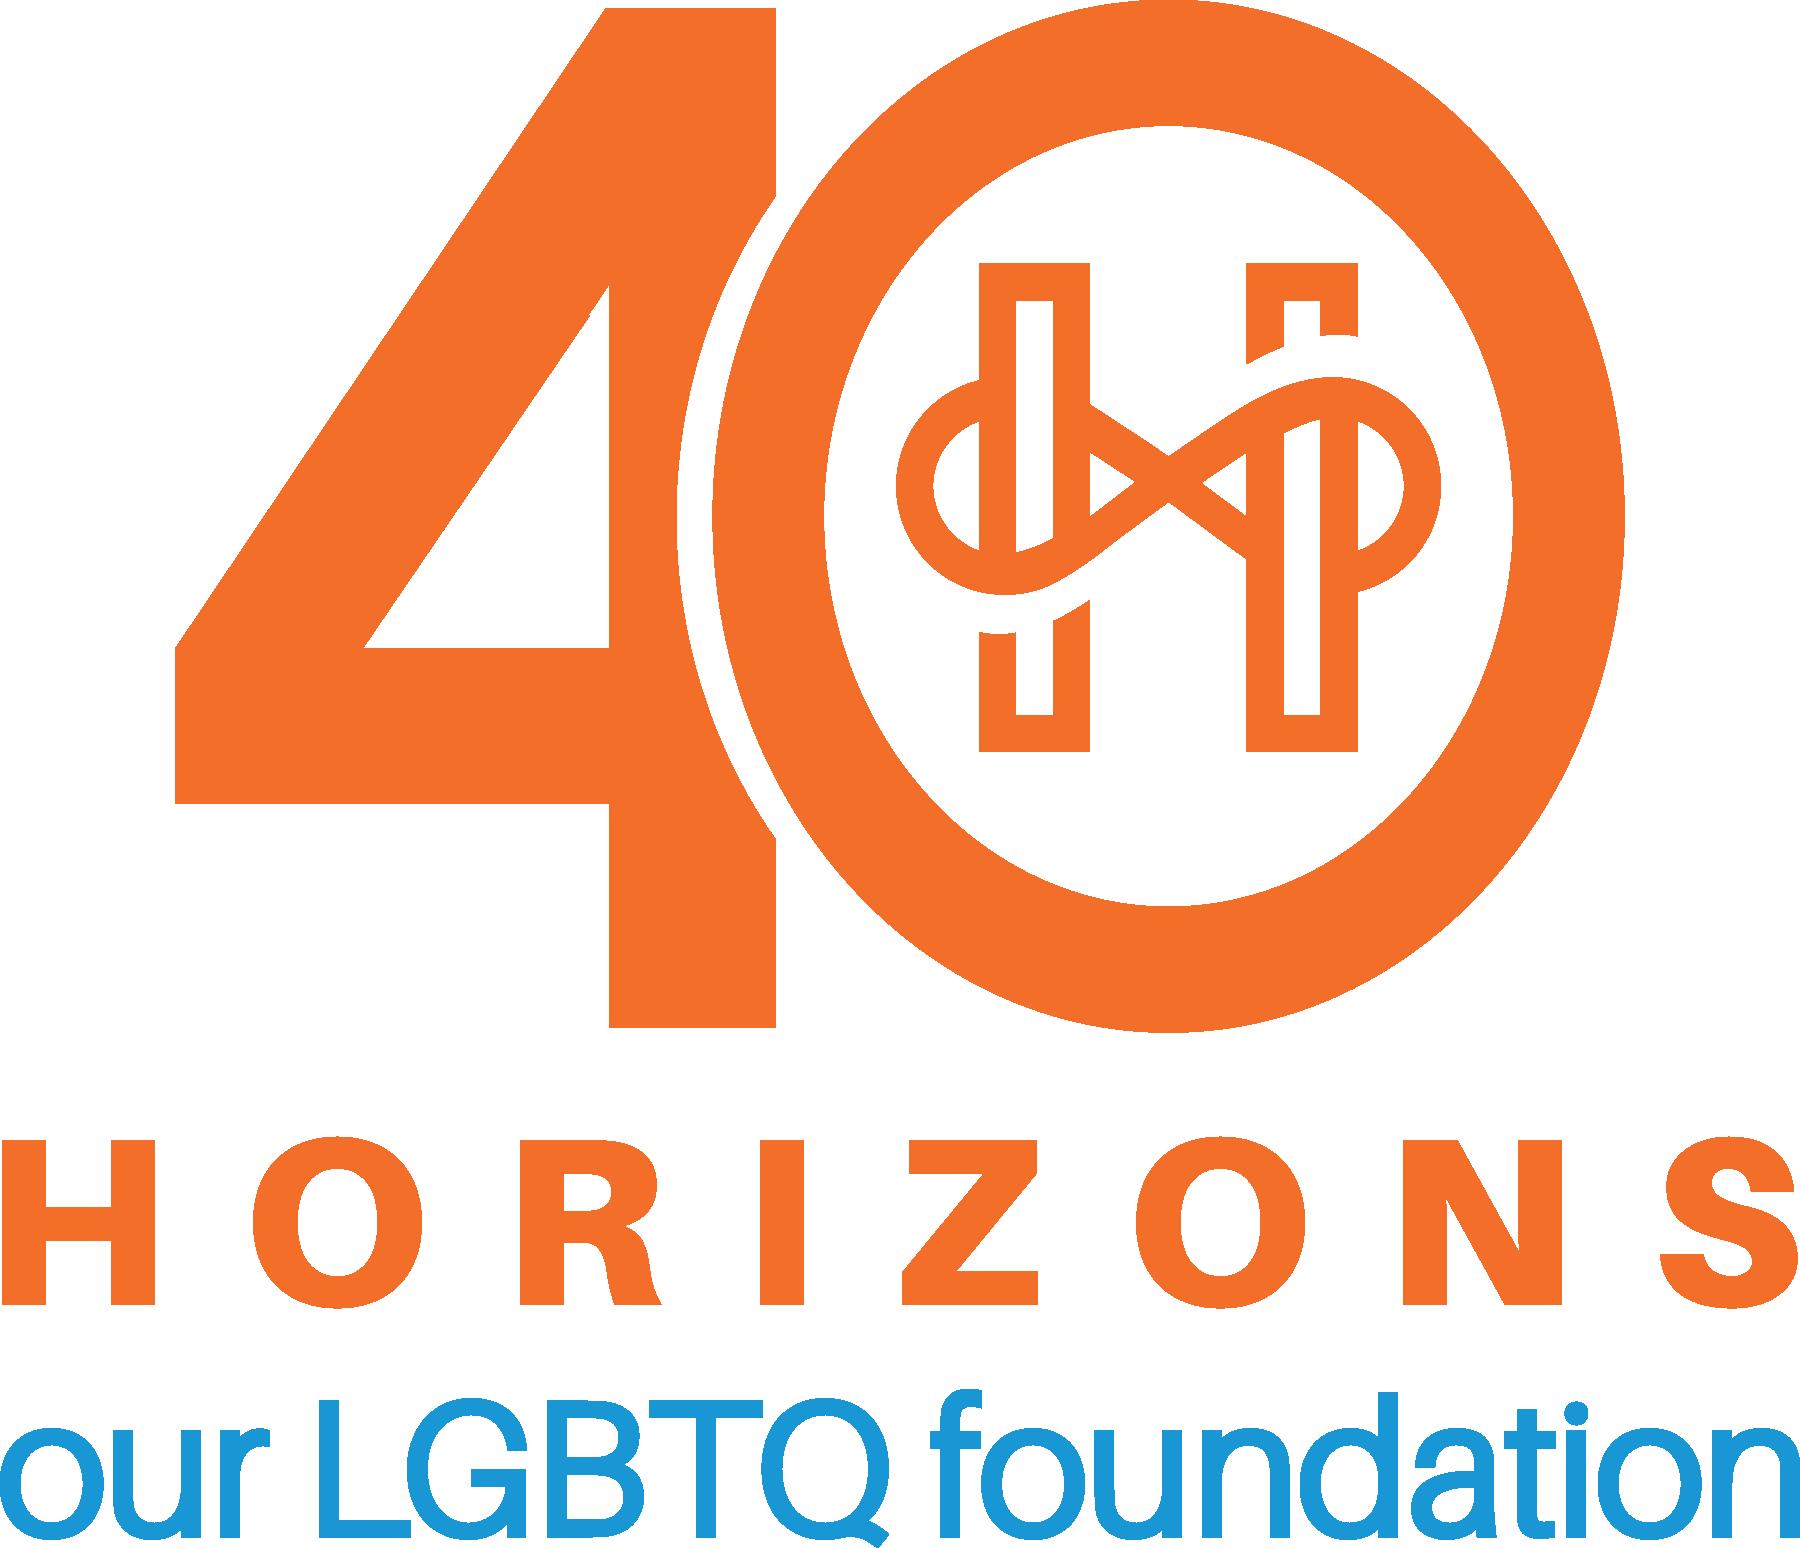 Horizons 40th Anniversary